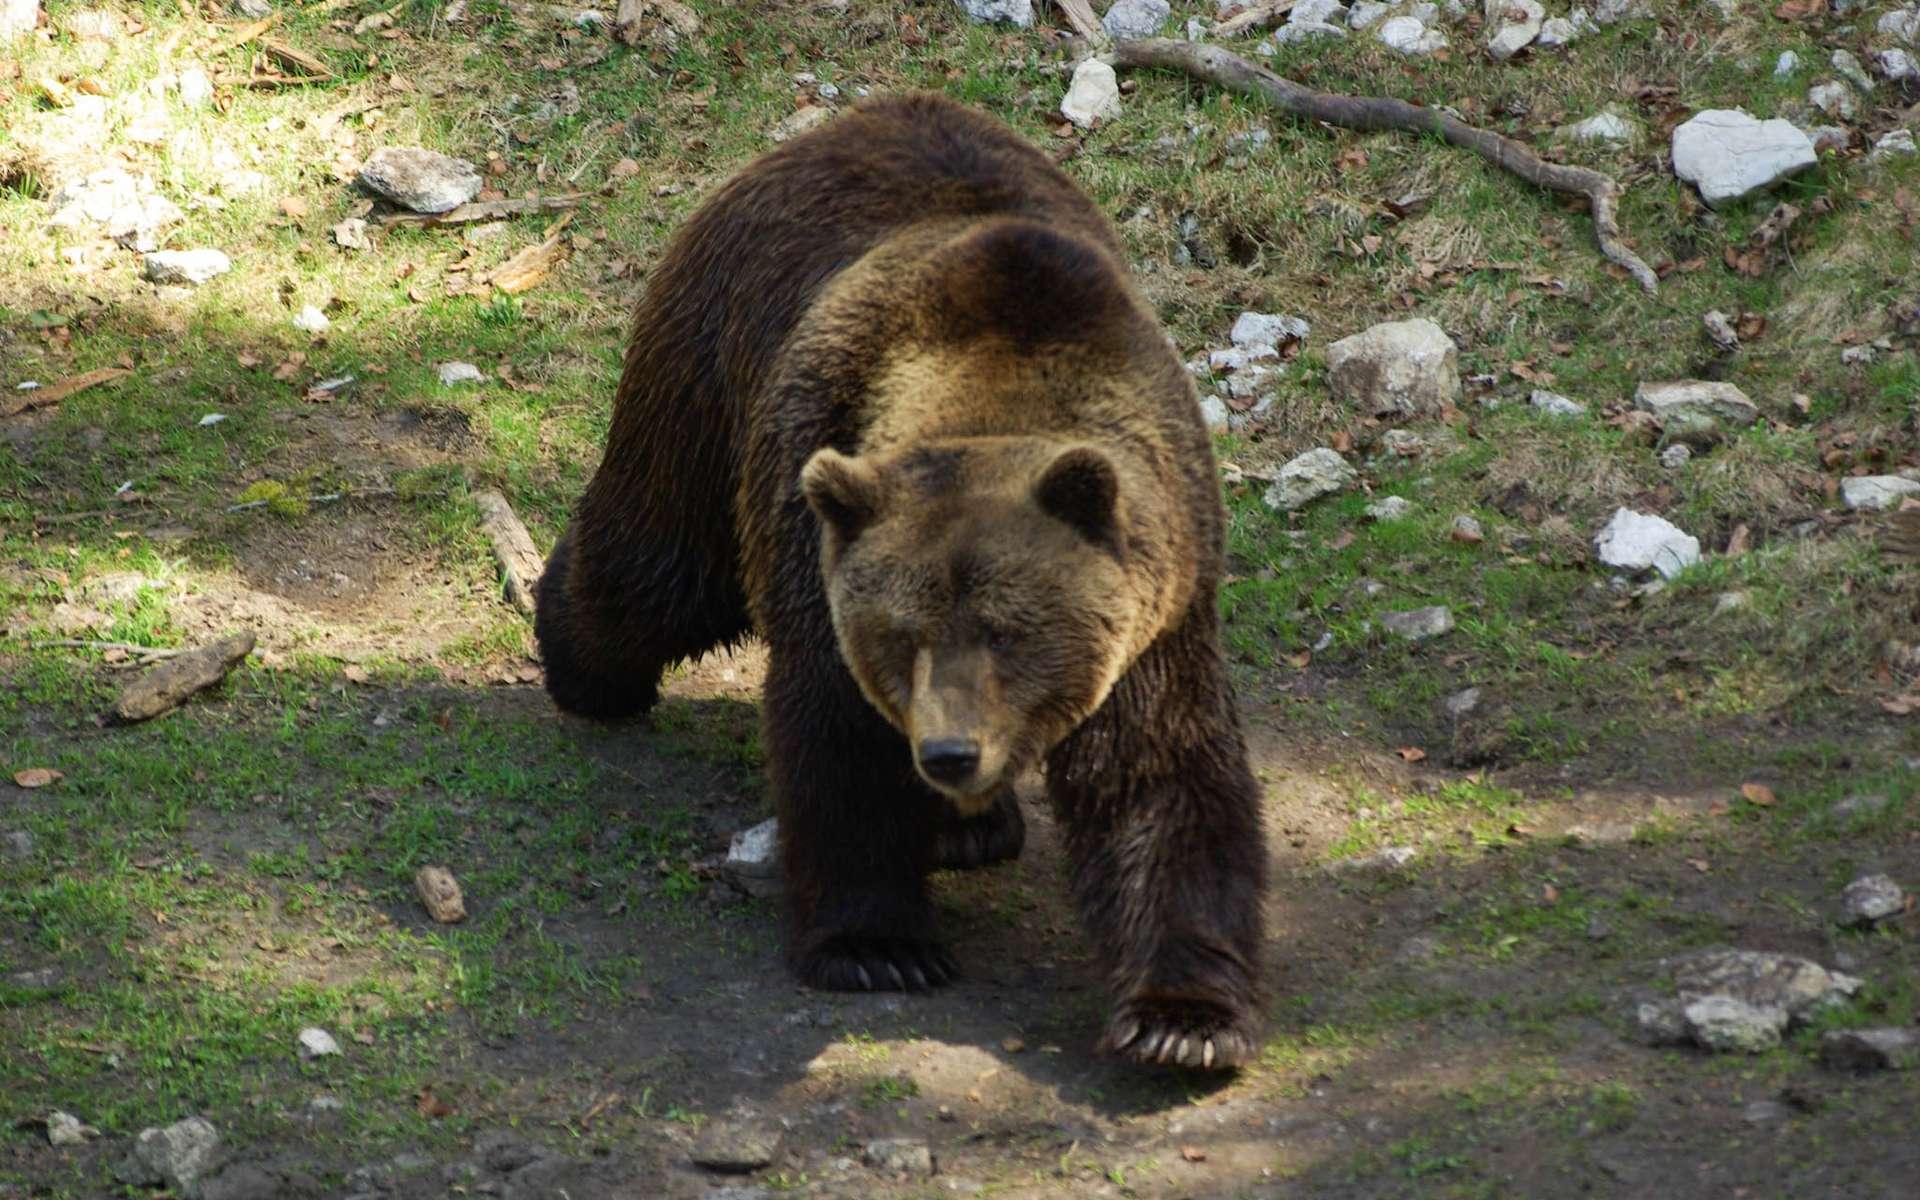 L'ours cherche par principe à éviter le contact avec l'Homme. © StormCS, Flickr, CC by 2.0